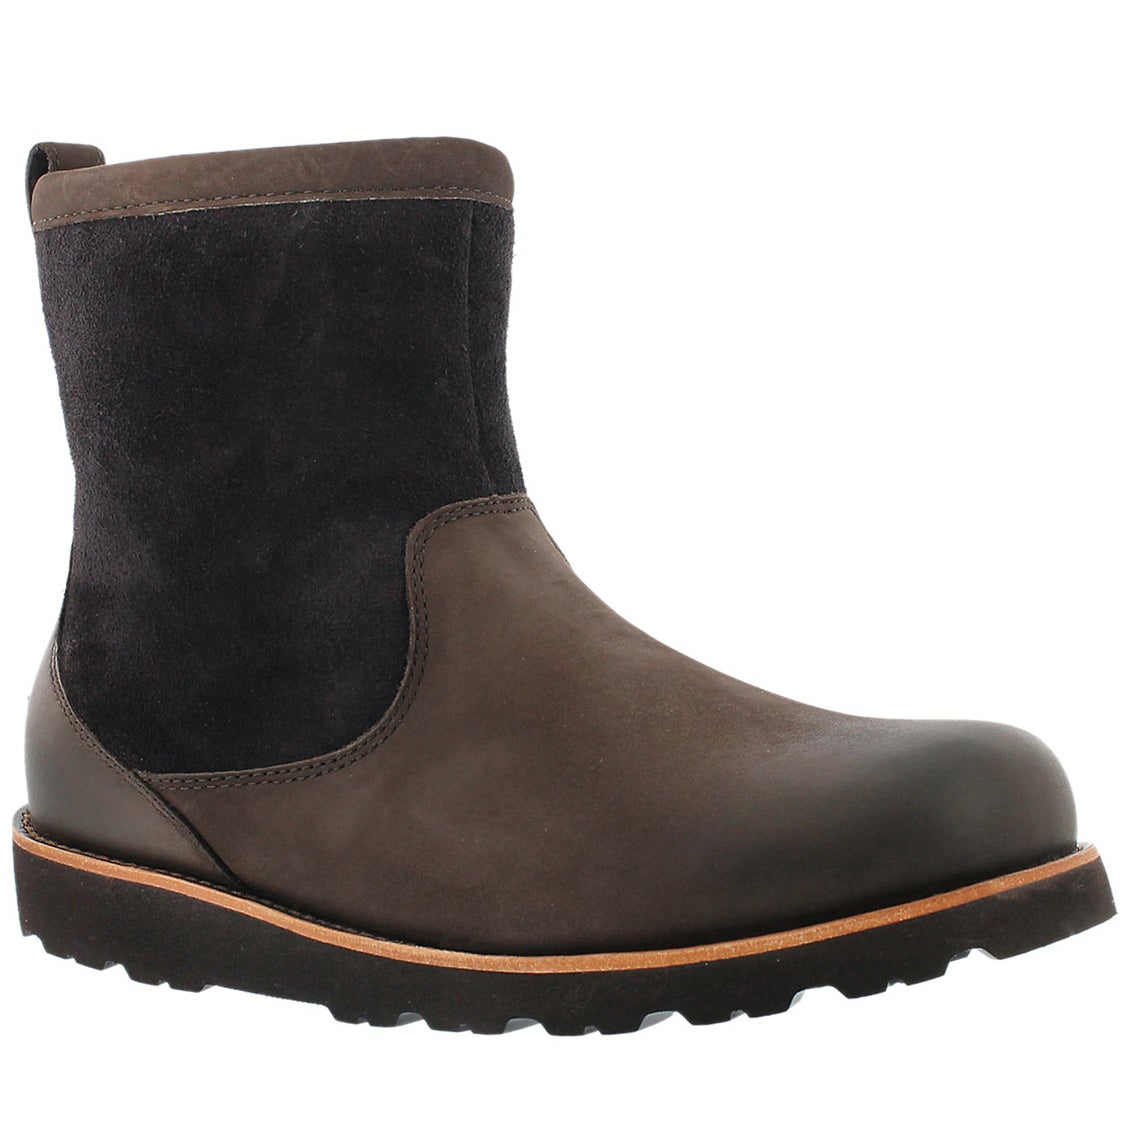 Men's HENDREN TL stout waterproof casual boots